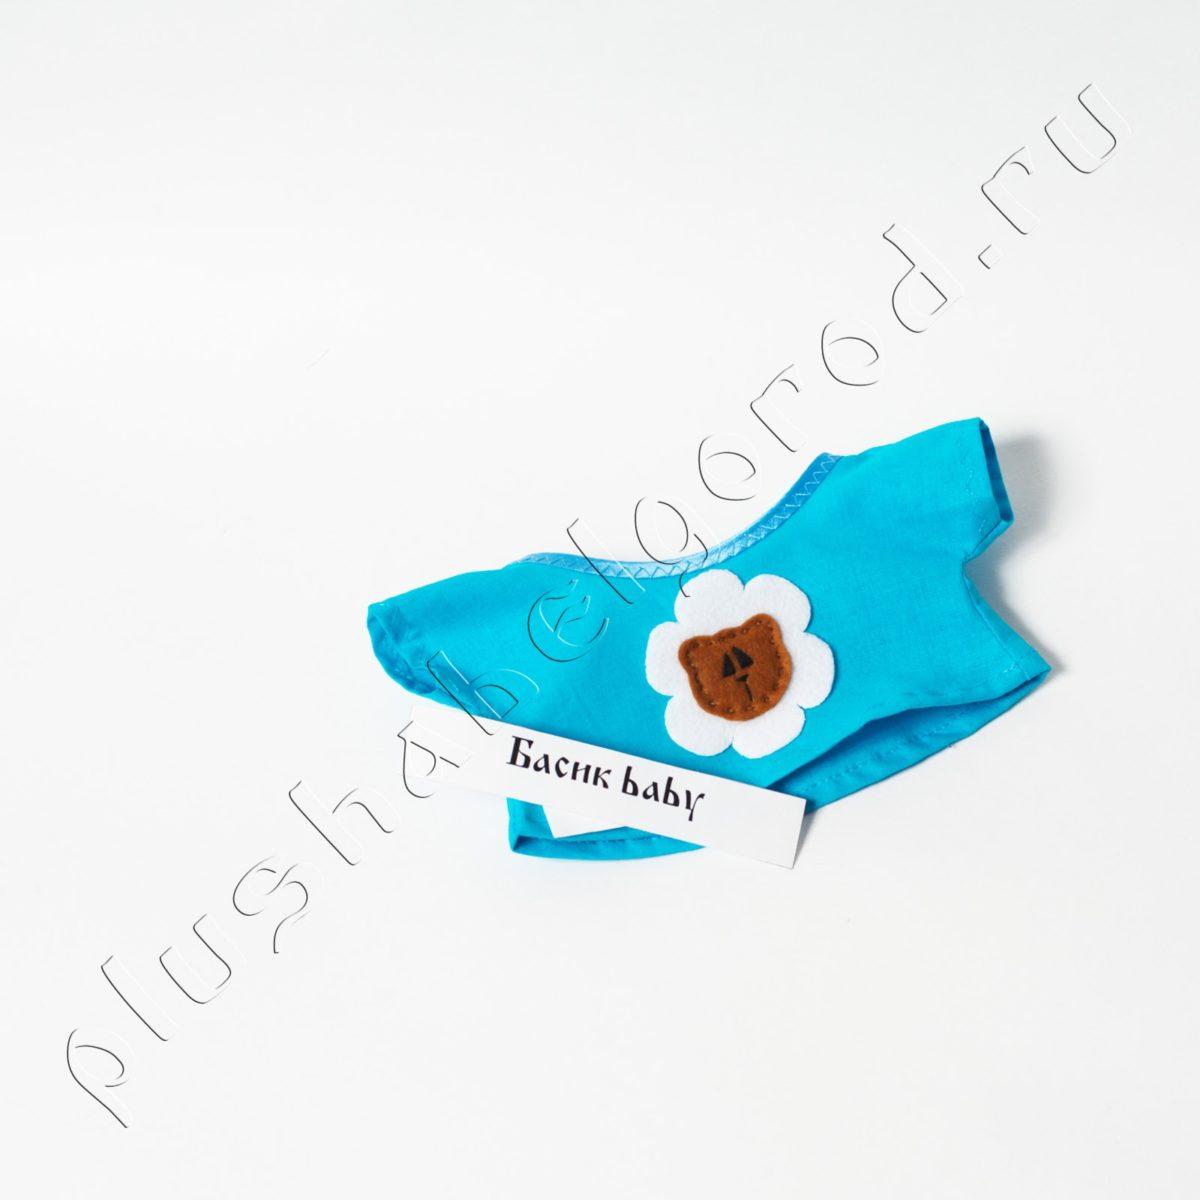 Футболка голубая с мишкой для baby